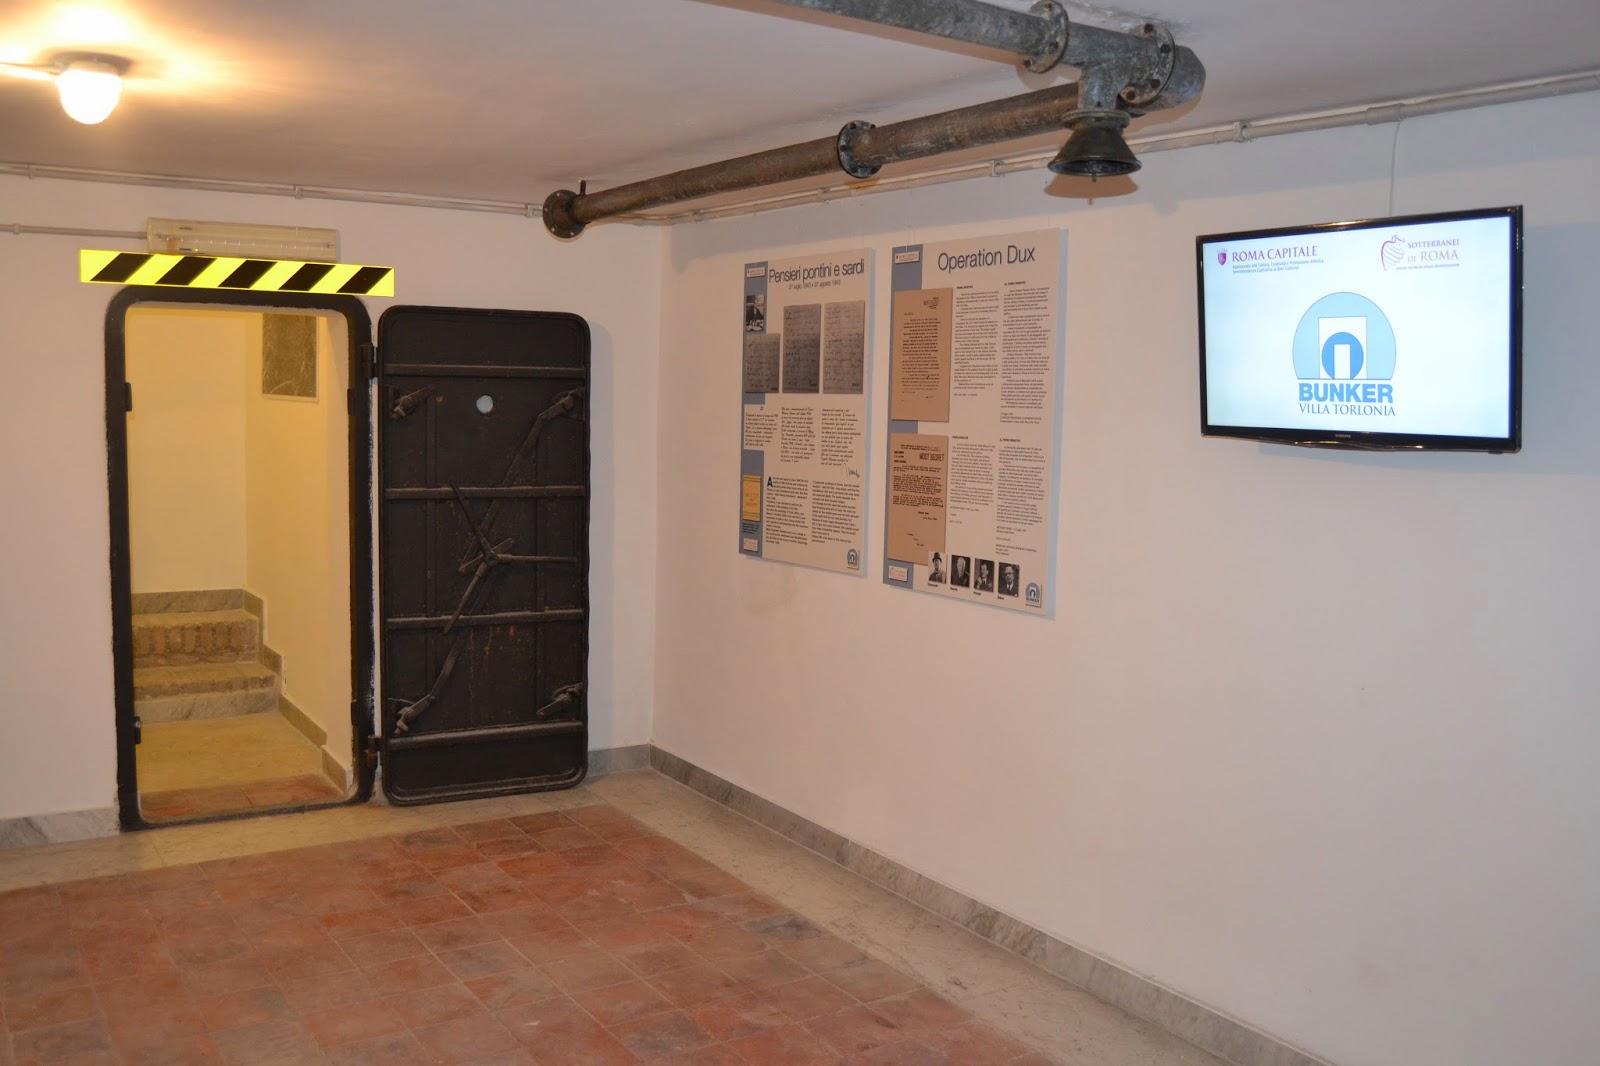 Bunker antiaereo destinato alla protezione di Benito Mussolini - Villa Torlonia Roma